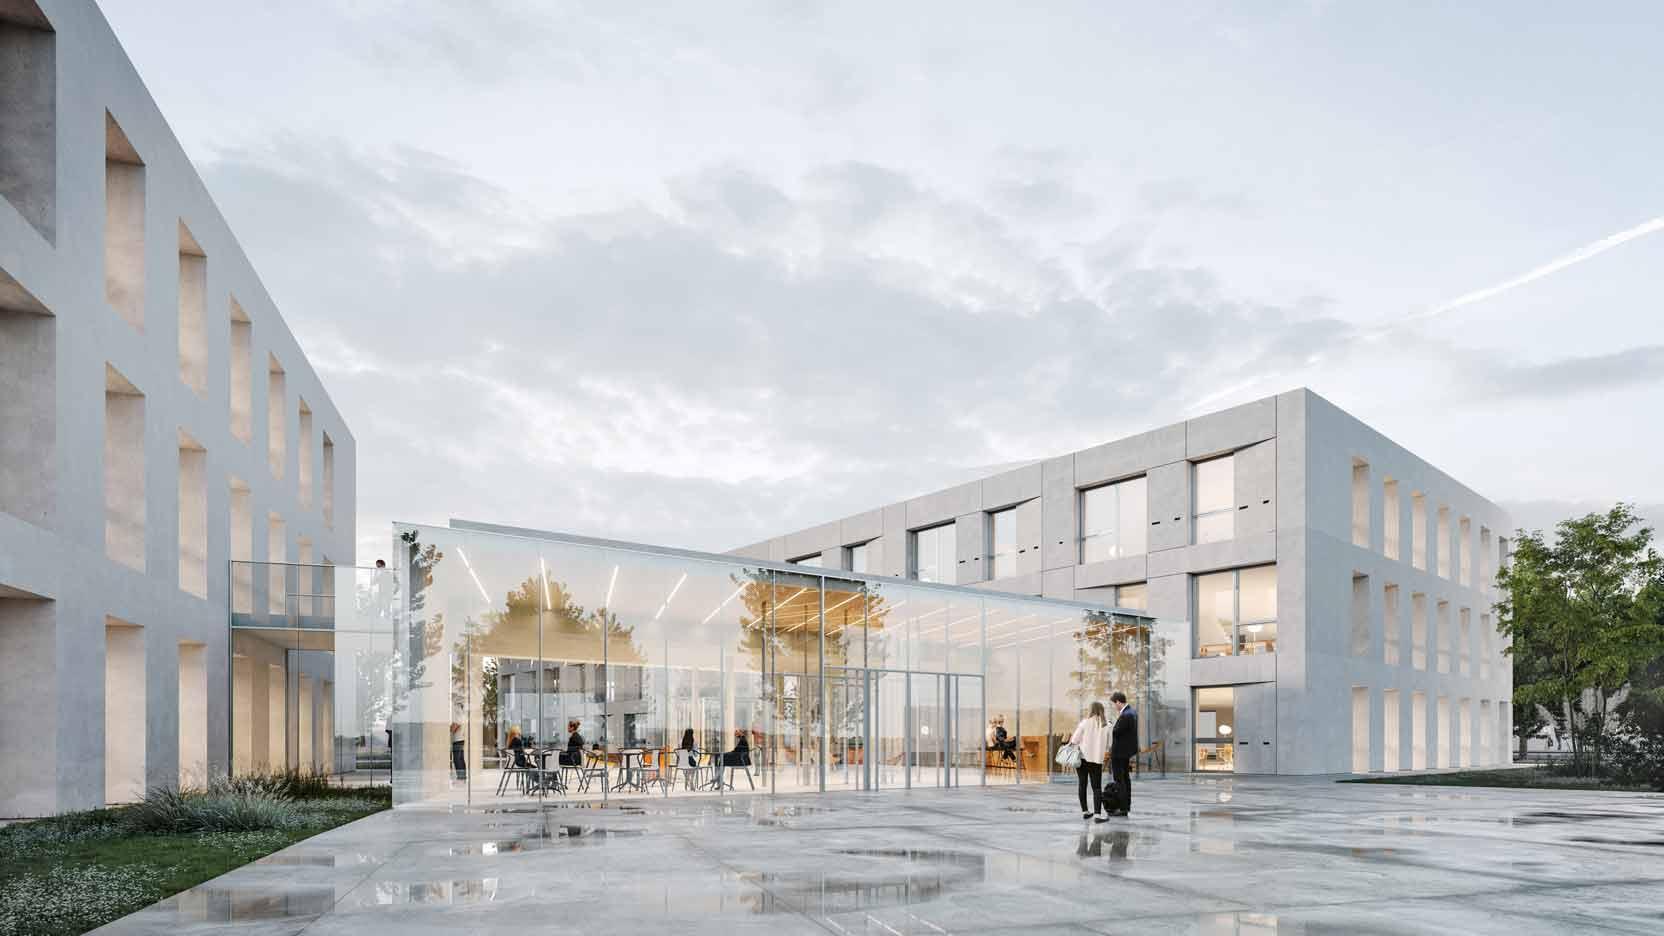 GA Smart Building réalise 7 300 m² de bureaux pour Alcatel-Lucent Enterprise à proximité de Strasbourg. Groupama Gan REIM se porte acquéreur de l'ensemble immobilier.